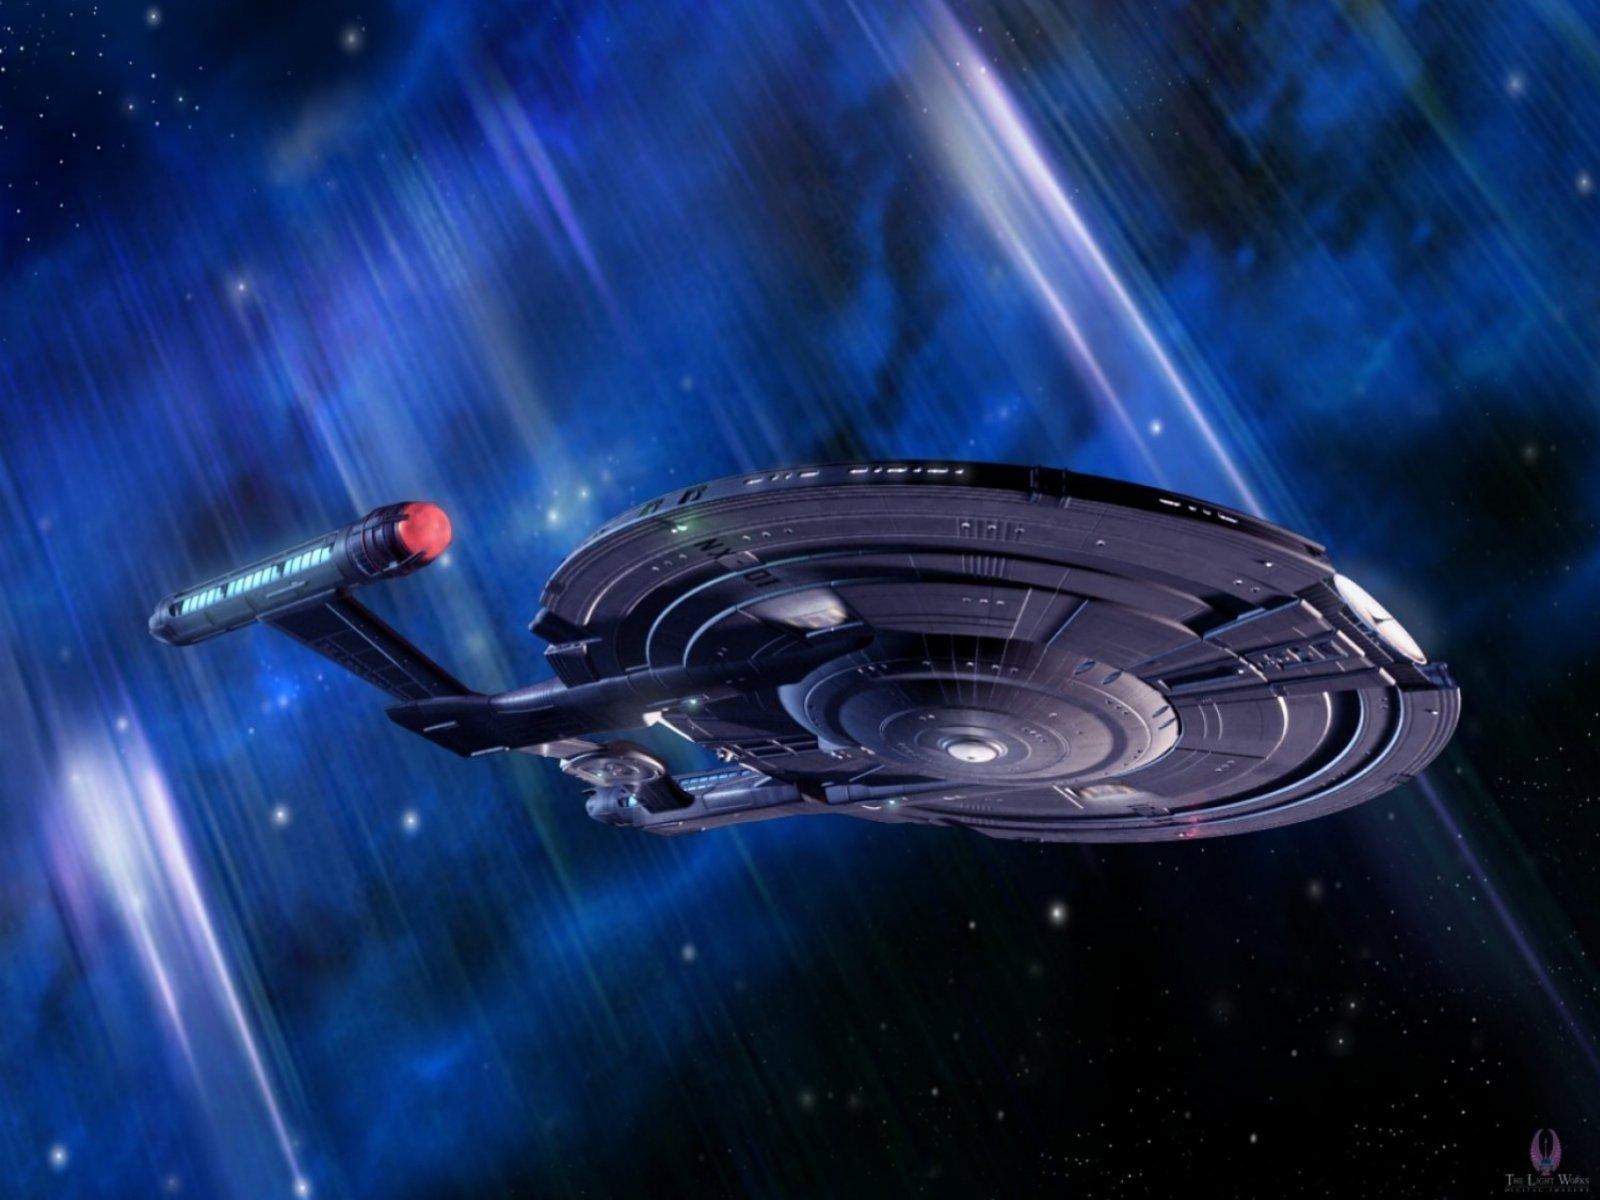 Sci Fi - Star Trek  Enterprise (Star Trek) Wallpaper